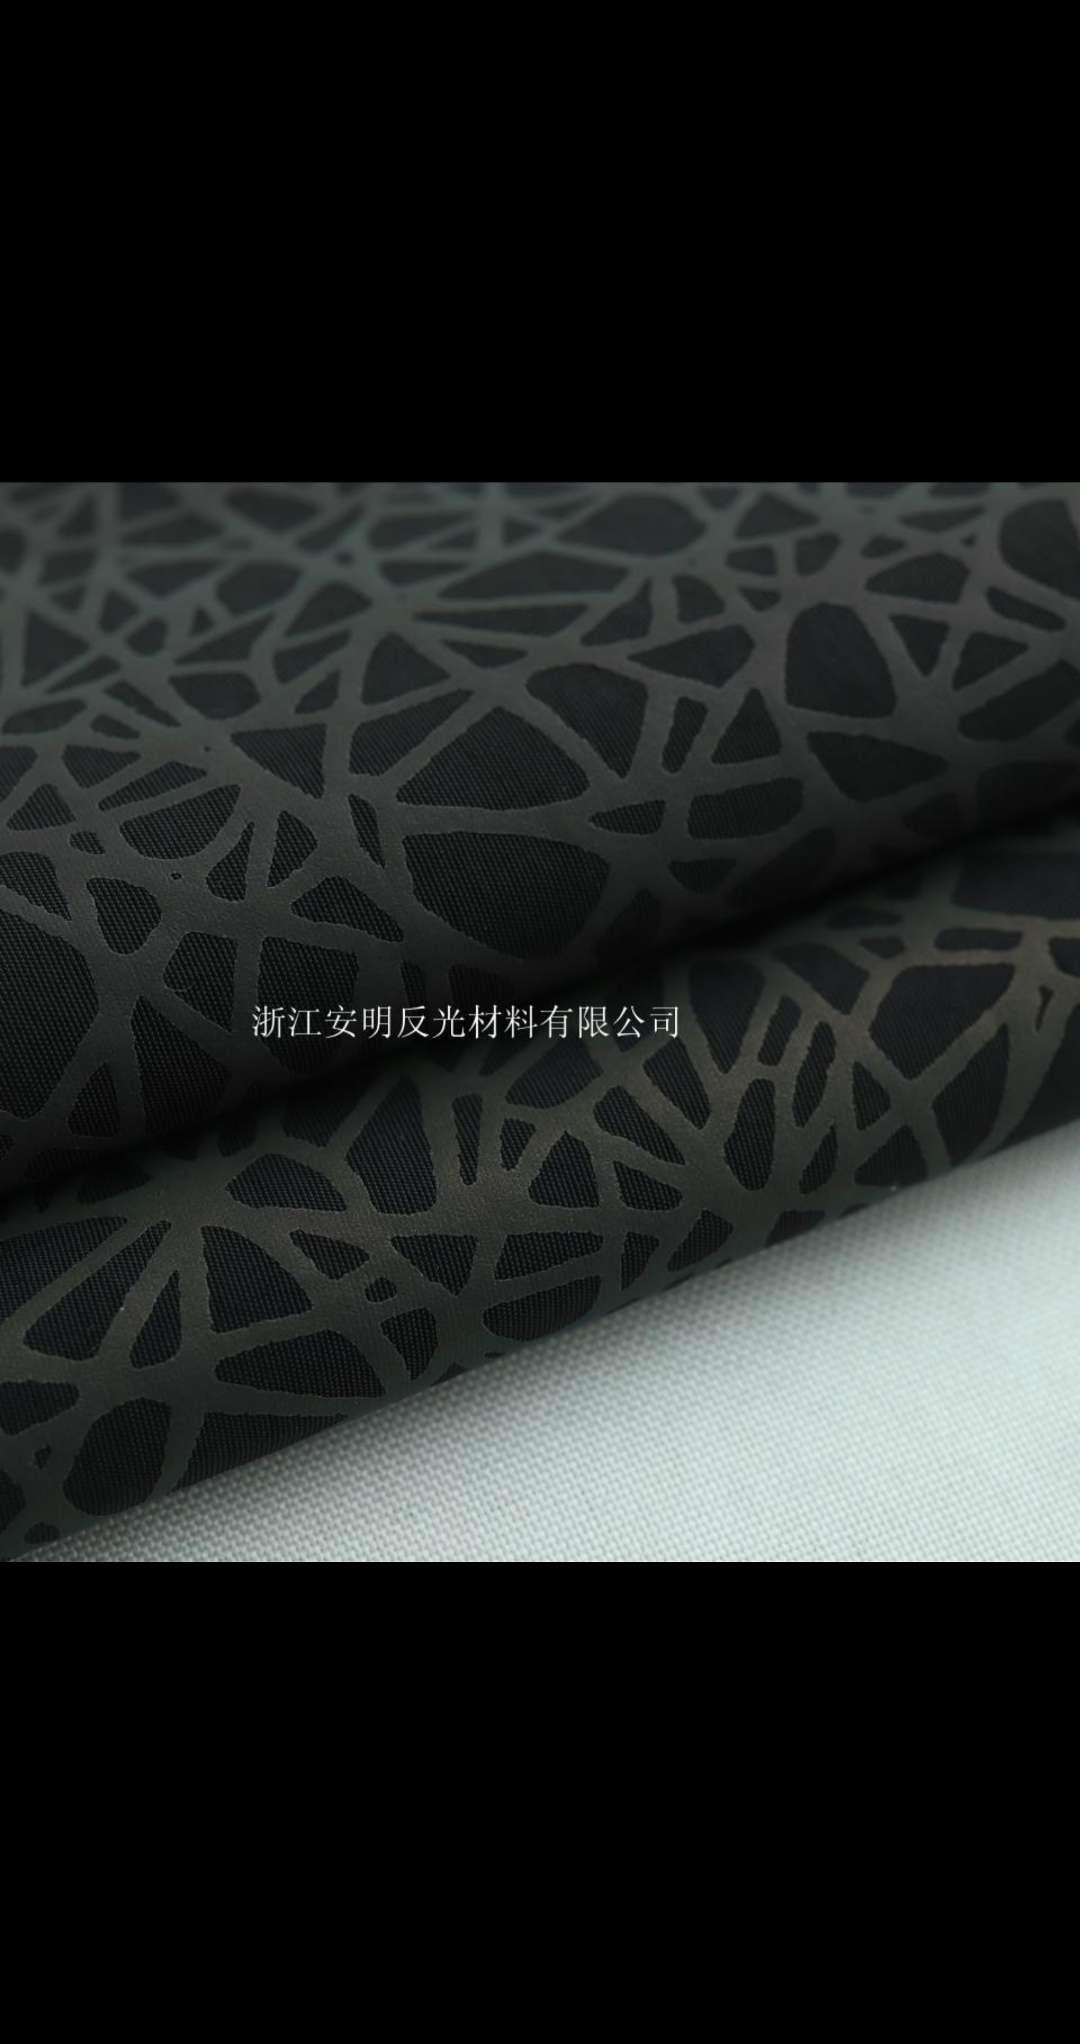 厂家直供 黑色七彩鸟巢棉感面料 时装面料